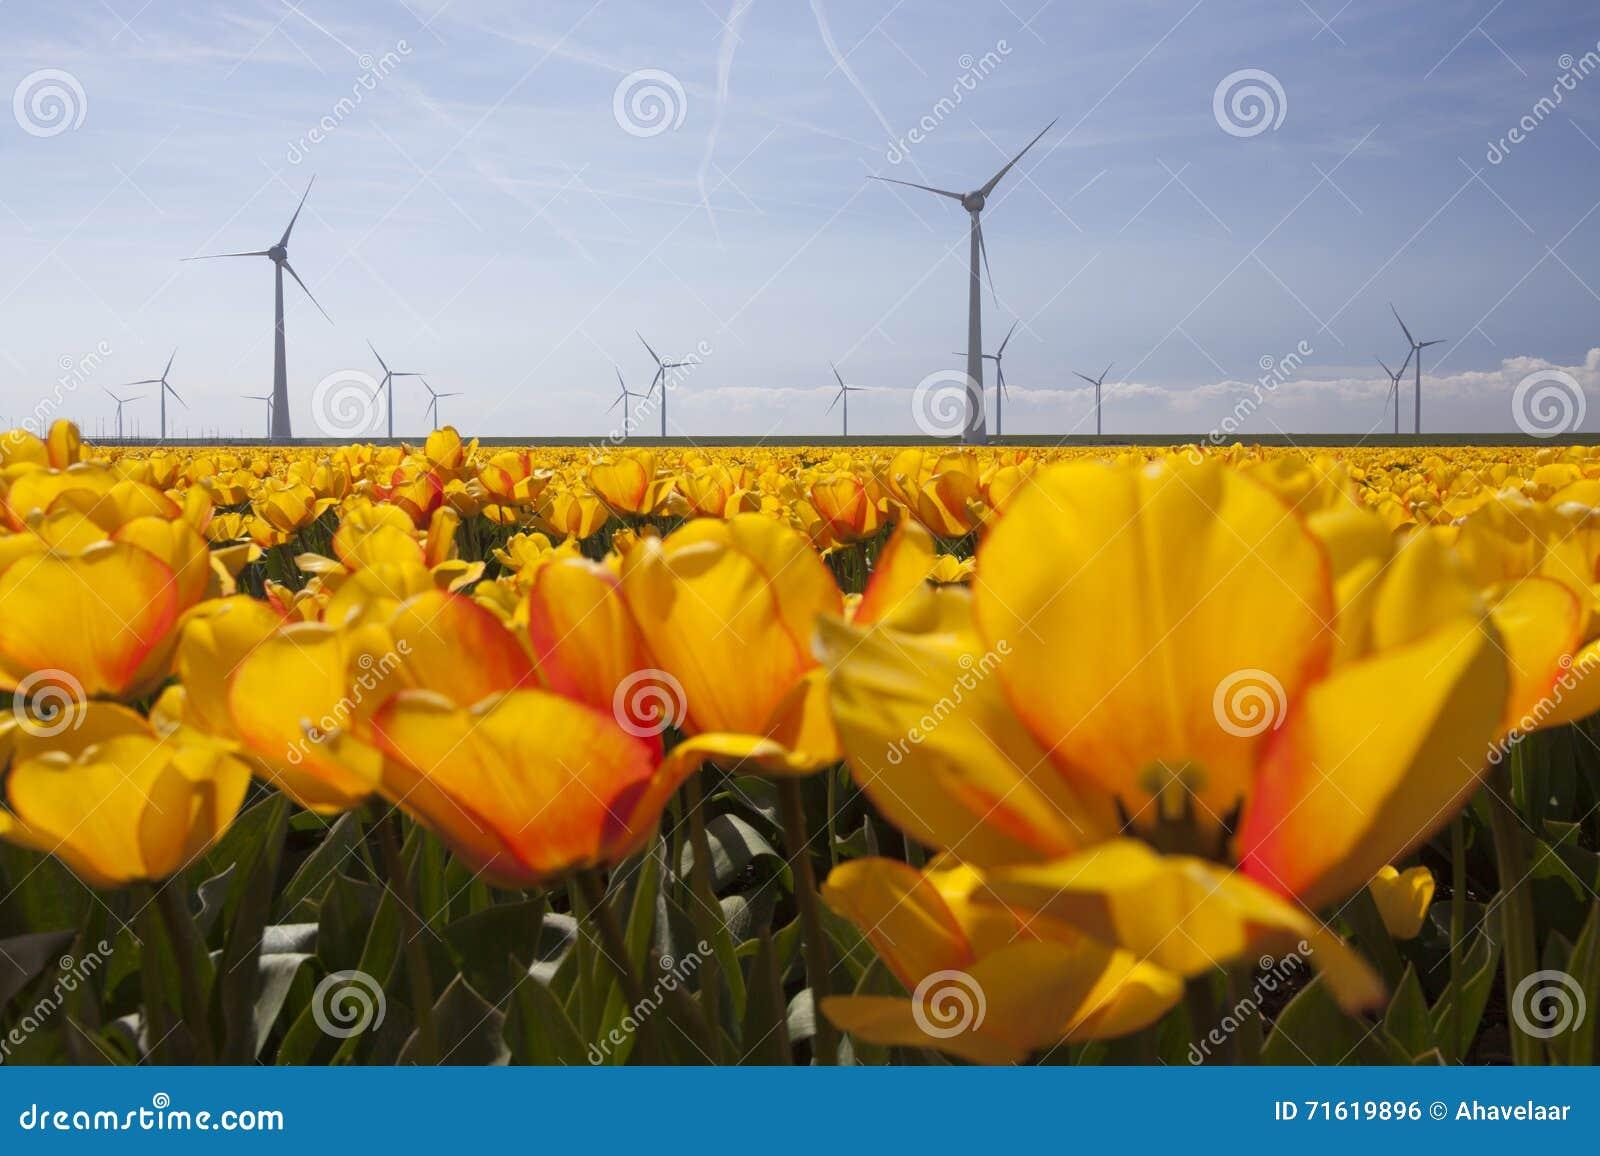 Silhouet van windturbines tegen blauwe hemel met oranje tulpen